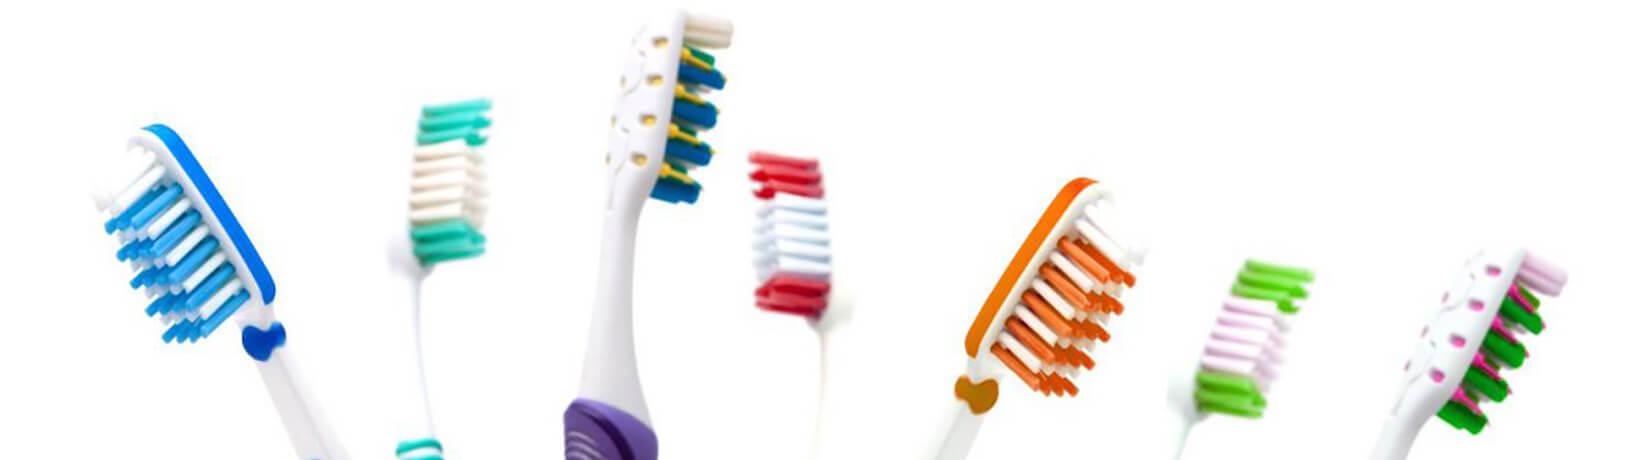 Як жорсткість зубної щітки впливає на здоров'я зубів